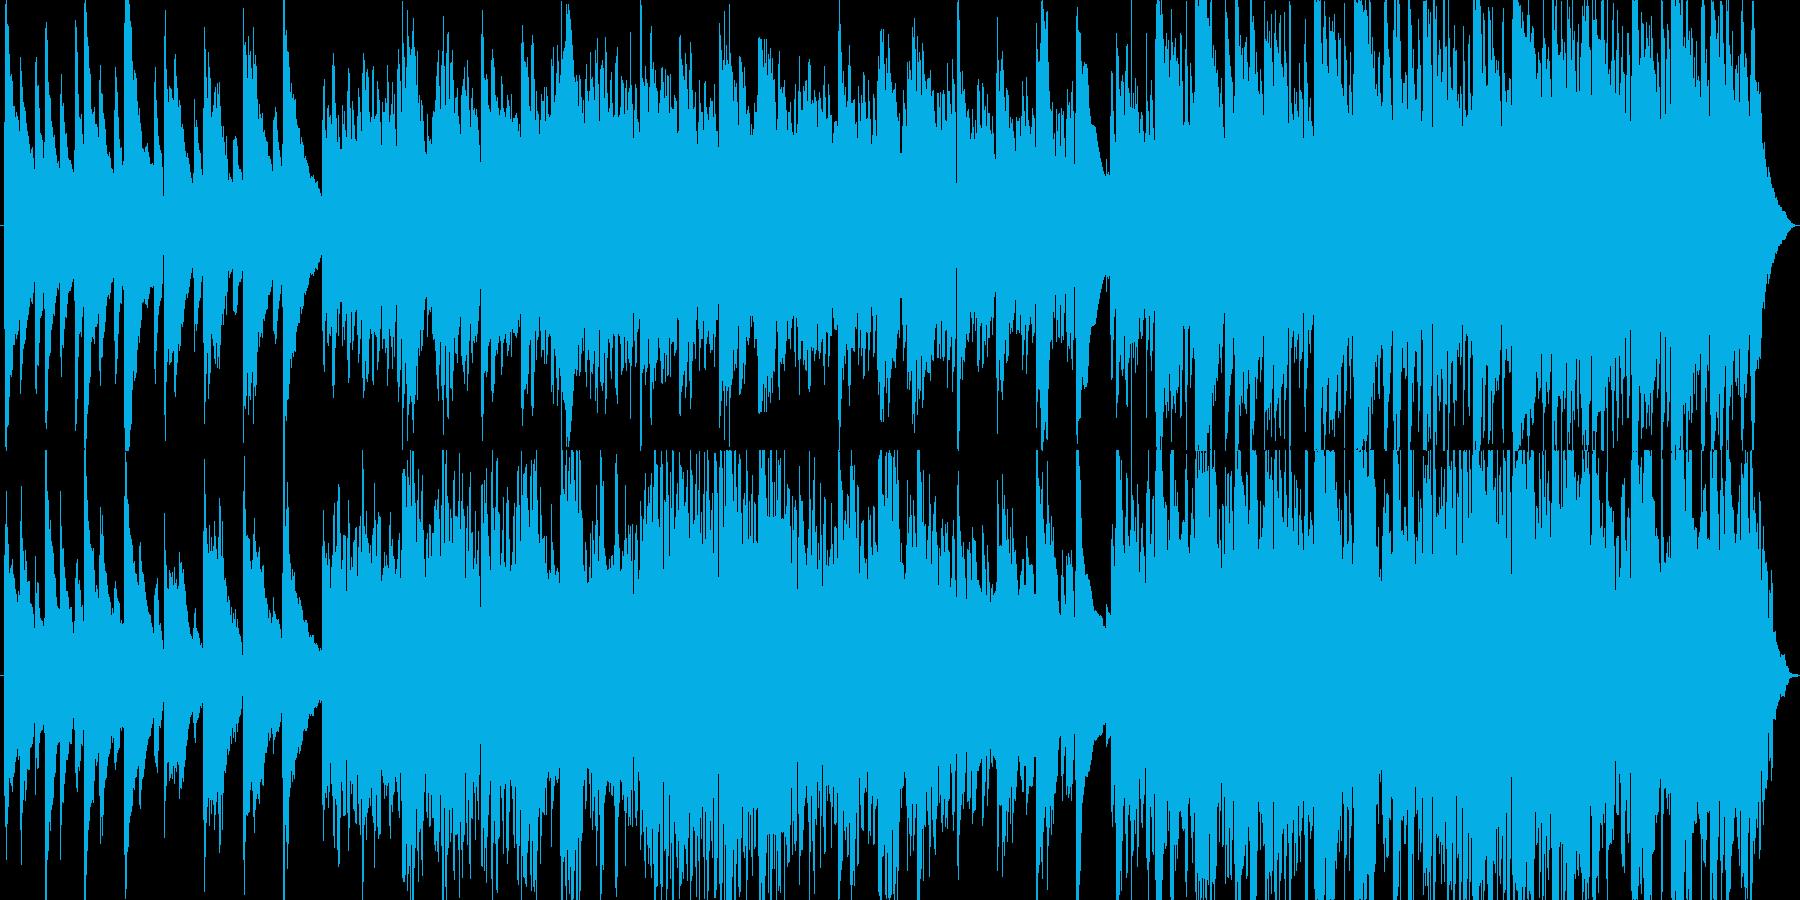 綺麗なヒーリングピアノ曲の再生済みの波形